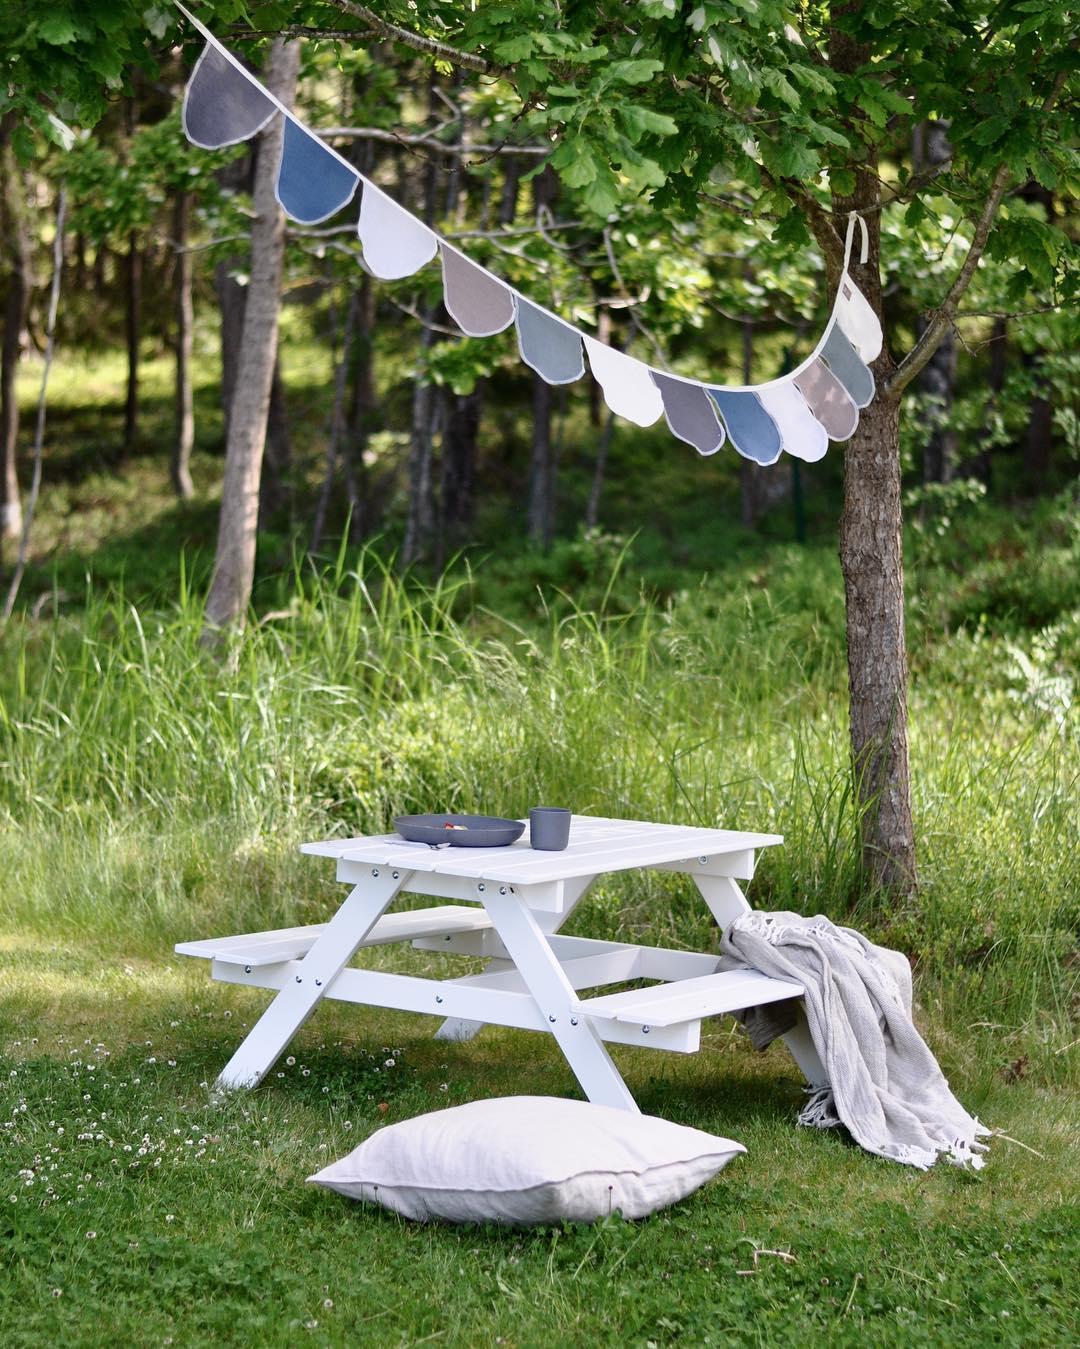 Lata dagar och picknick i trdgrden!  I samarbete medhellip